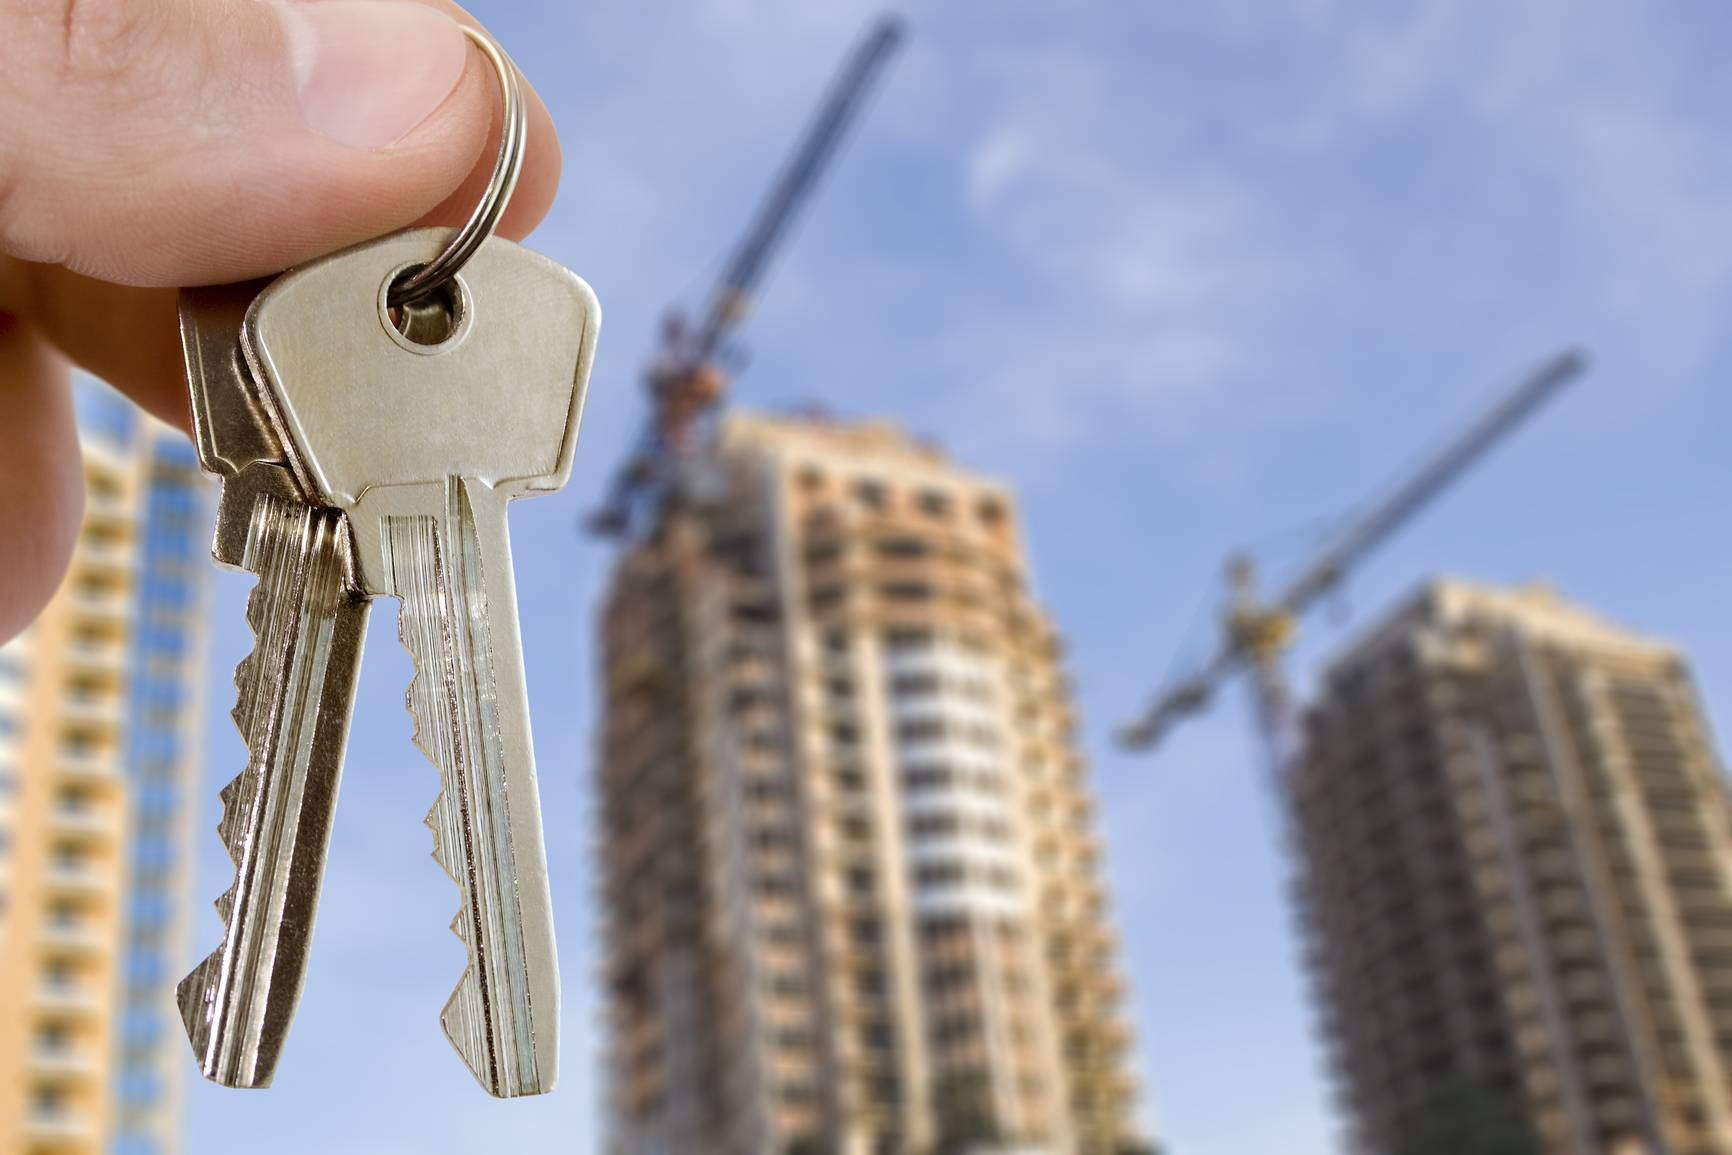 Эксперты отмечают аномальную активность на столичном рынке недвижимости